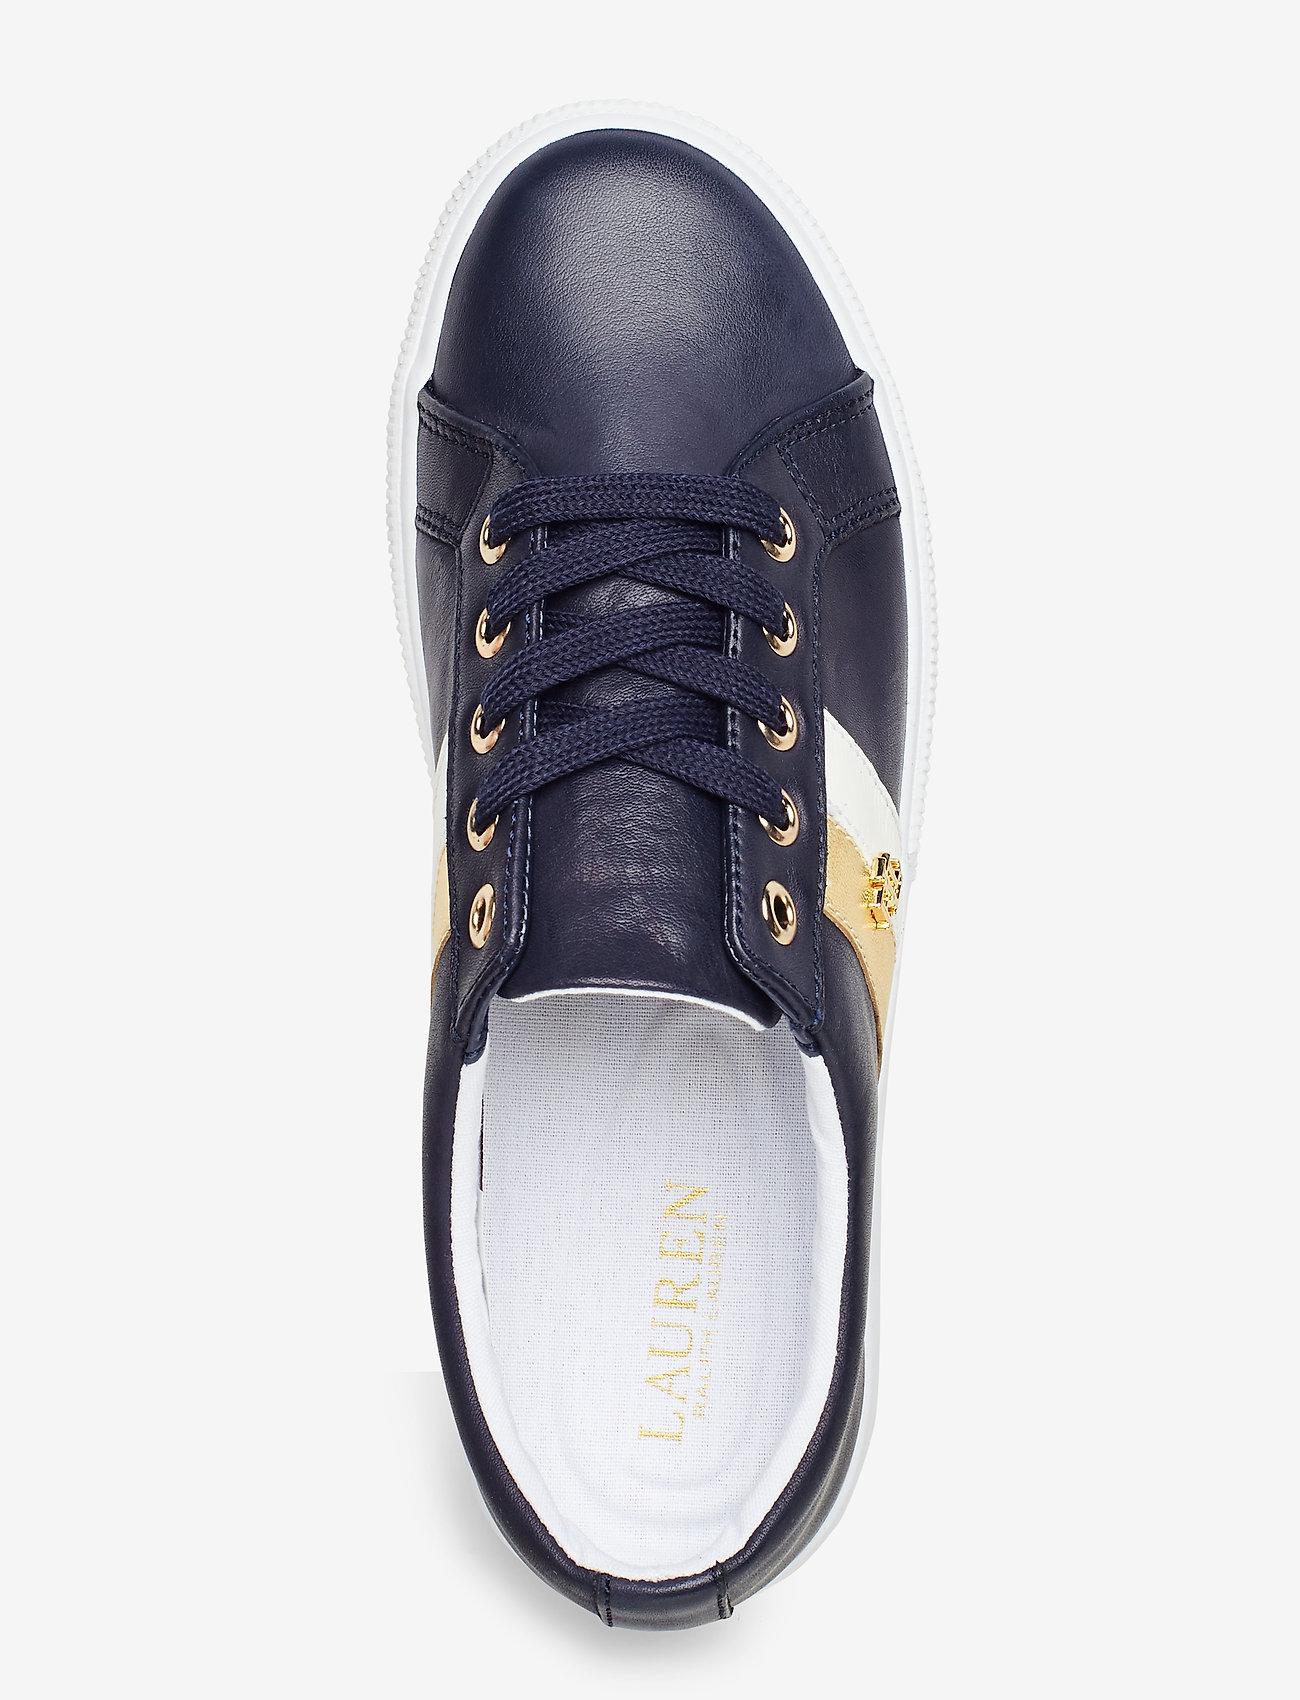 Janson Ii Leather Sneaker (Lauren Navy/optic) - Lauren Ralph Lauren